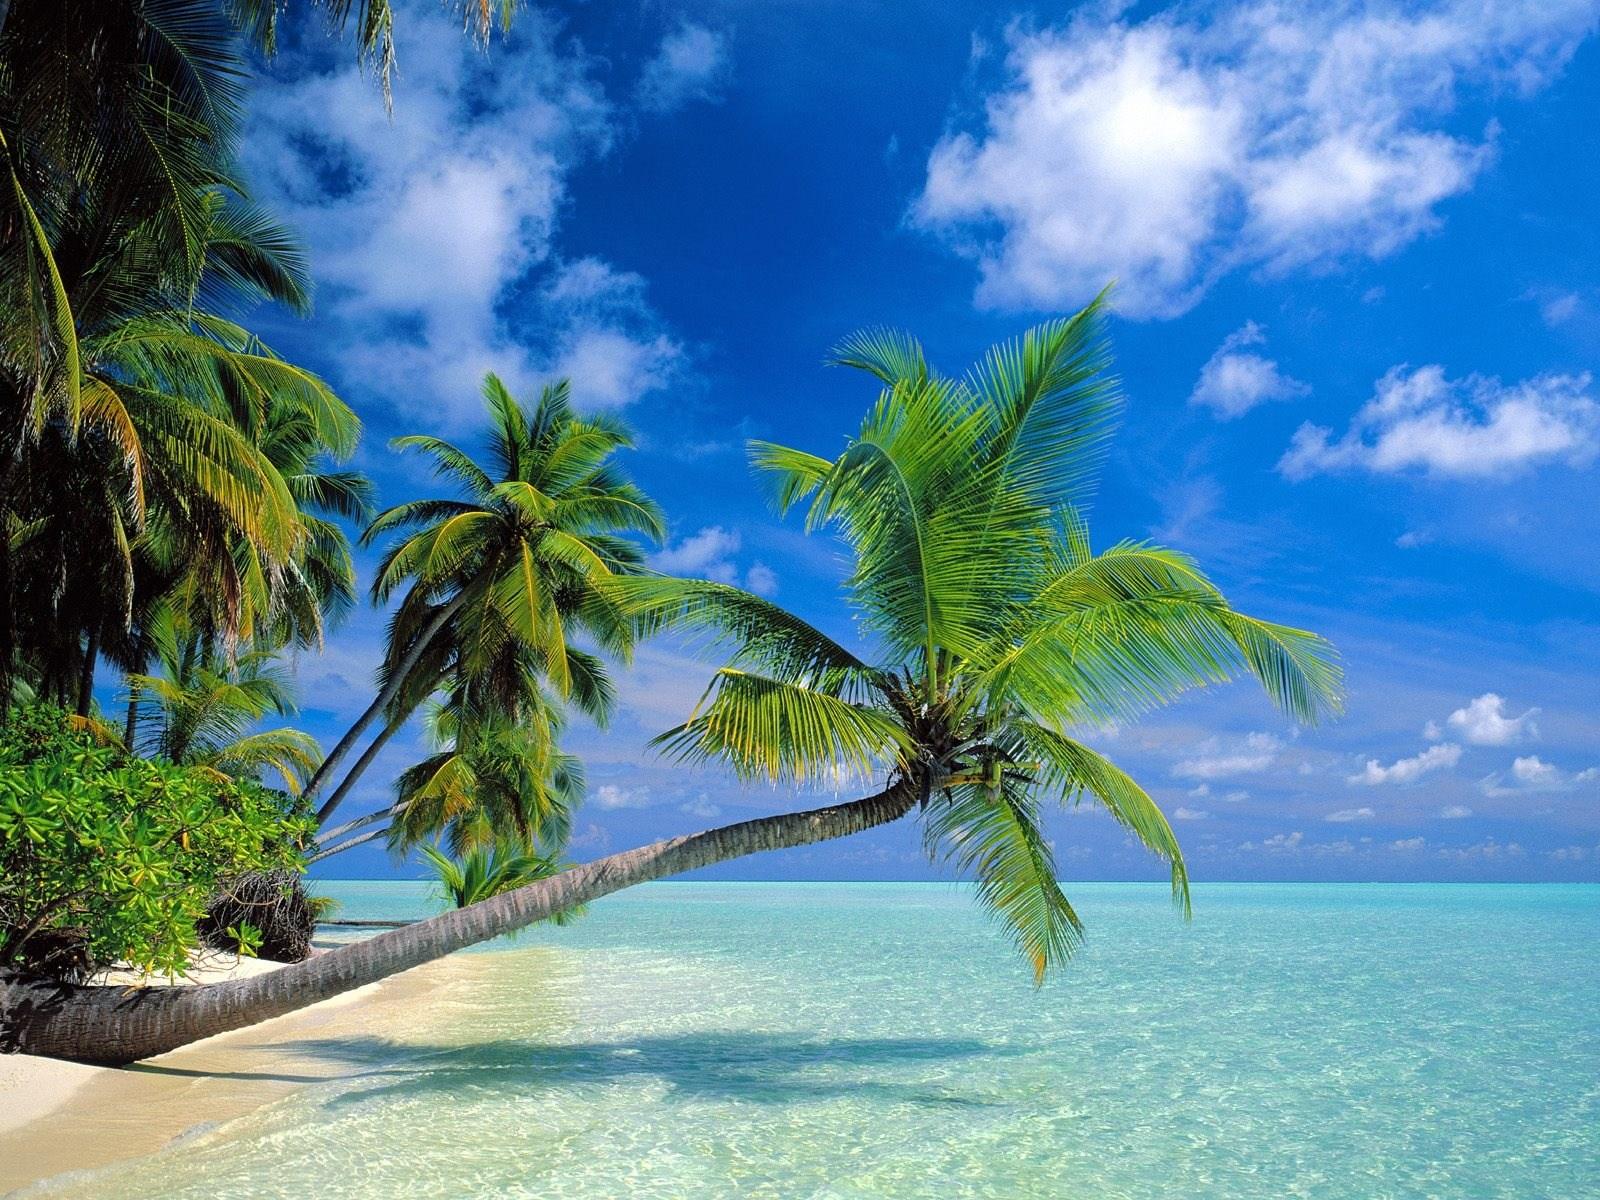 Hình ảnh cây dừa vươn ra biển cực đẹp